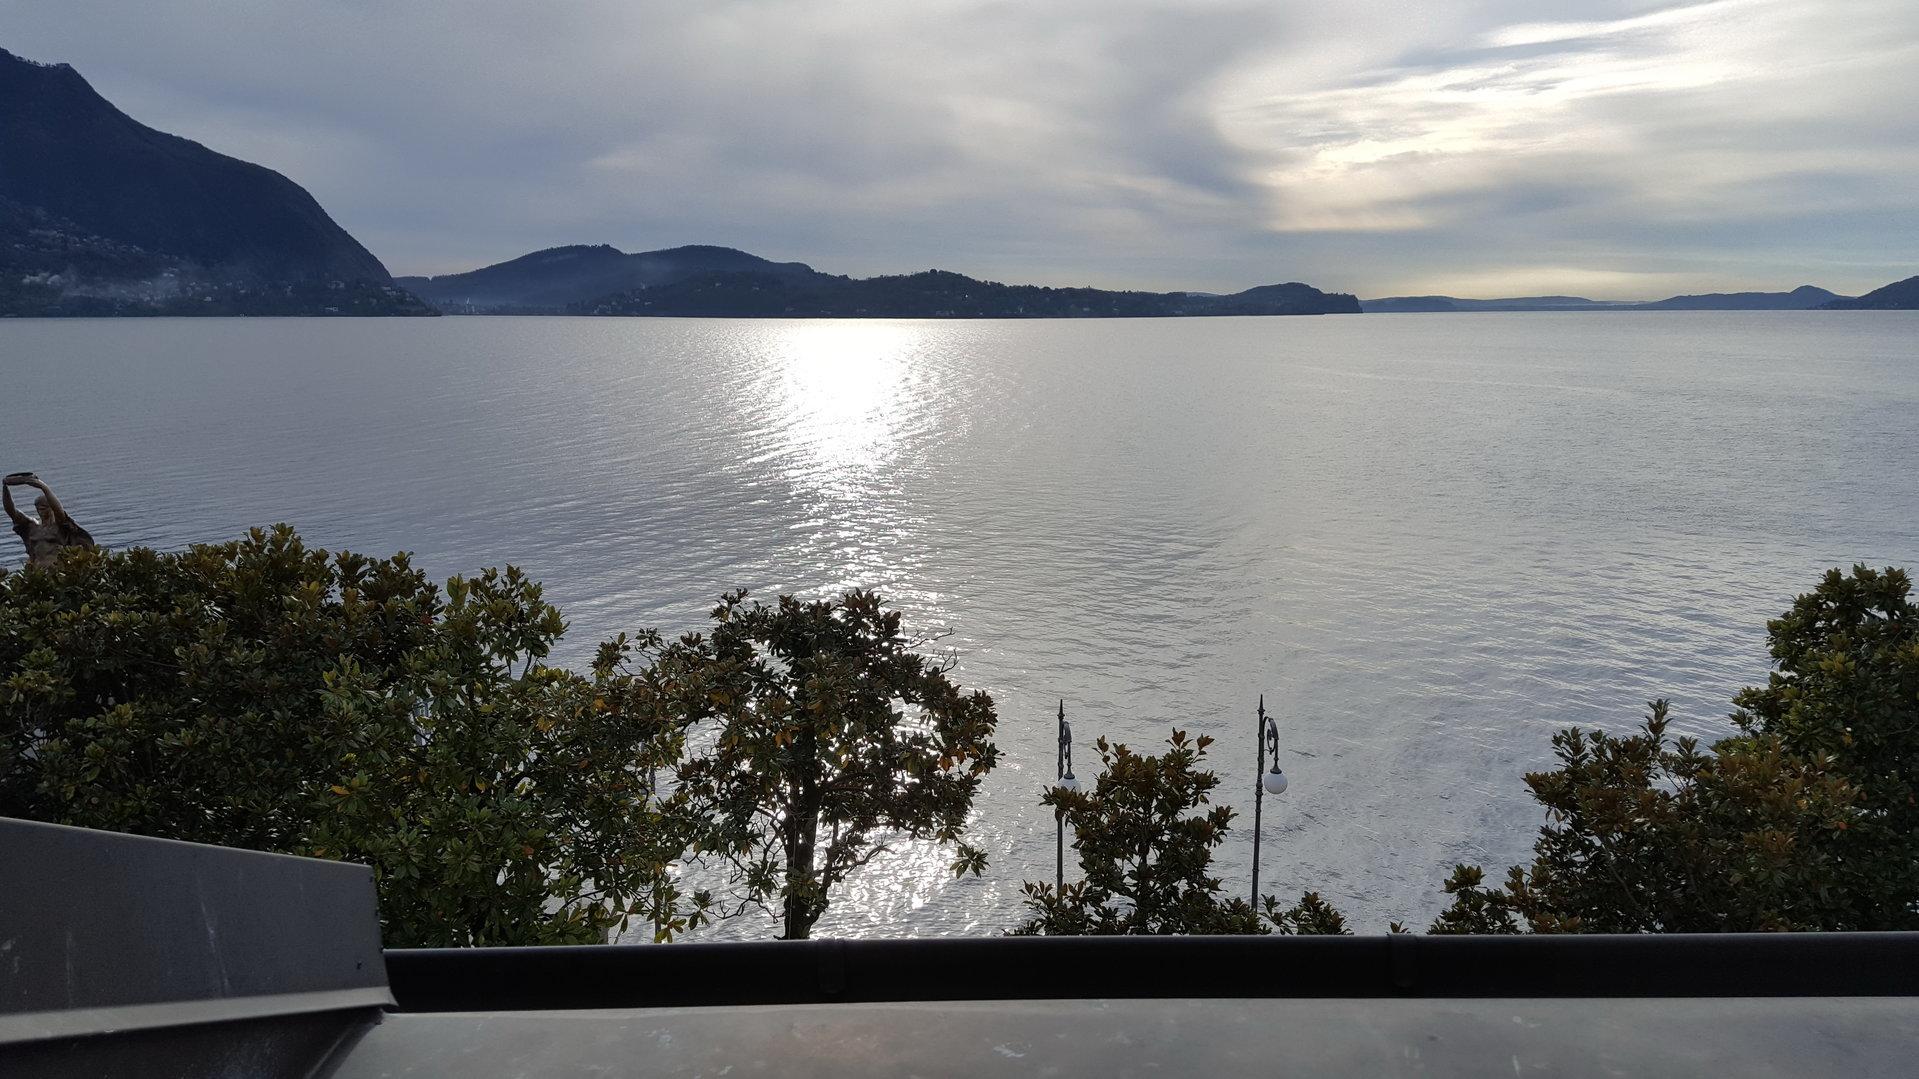 Renovated attic for sale on Verbania lakefront - Lake Maggiore